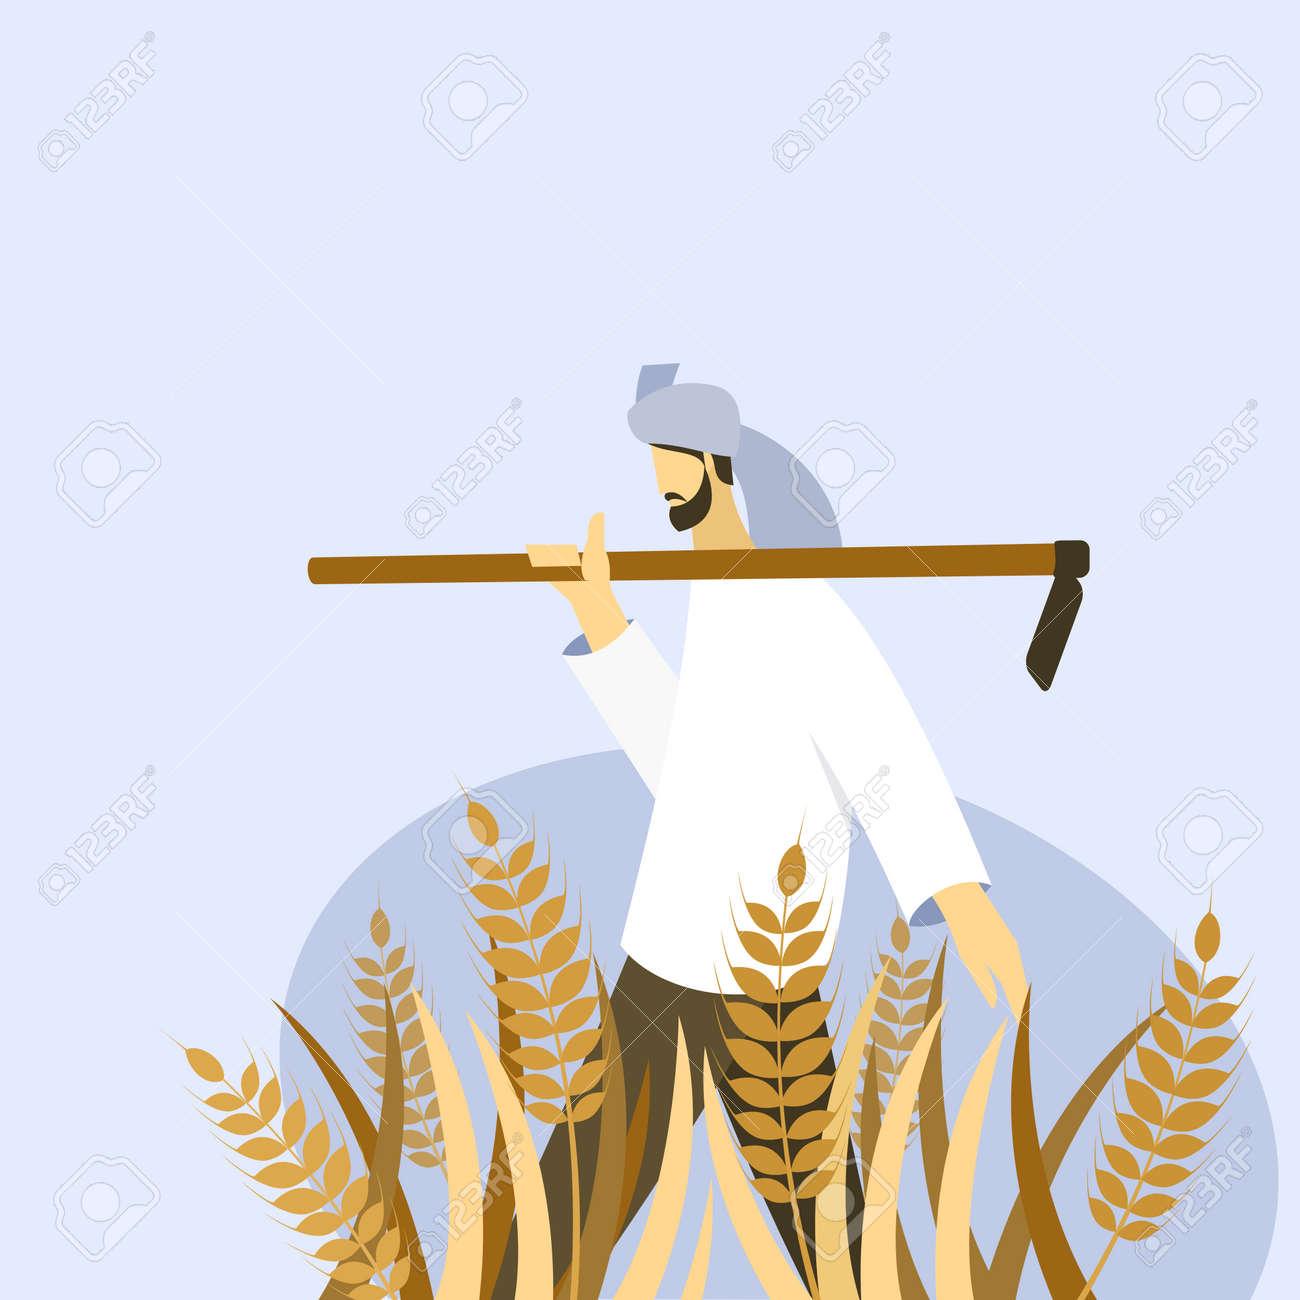 A farmer holding a spade walks through a wheat farm - 170582370